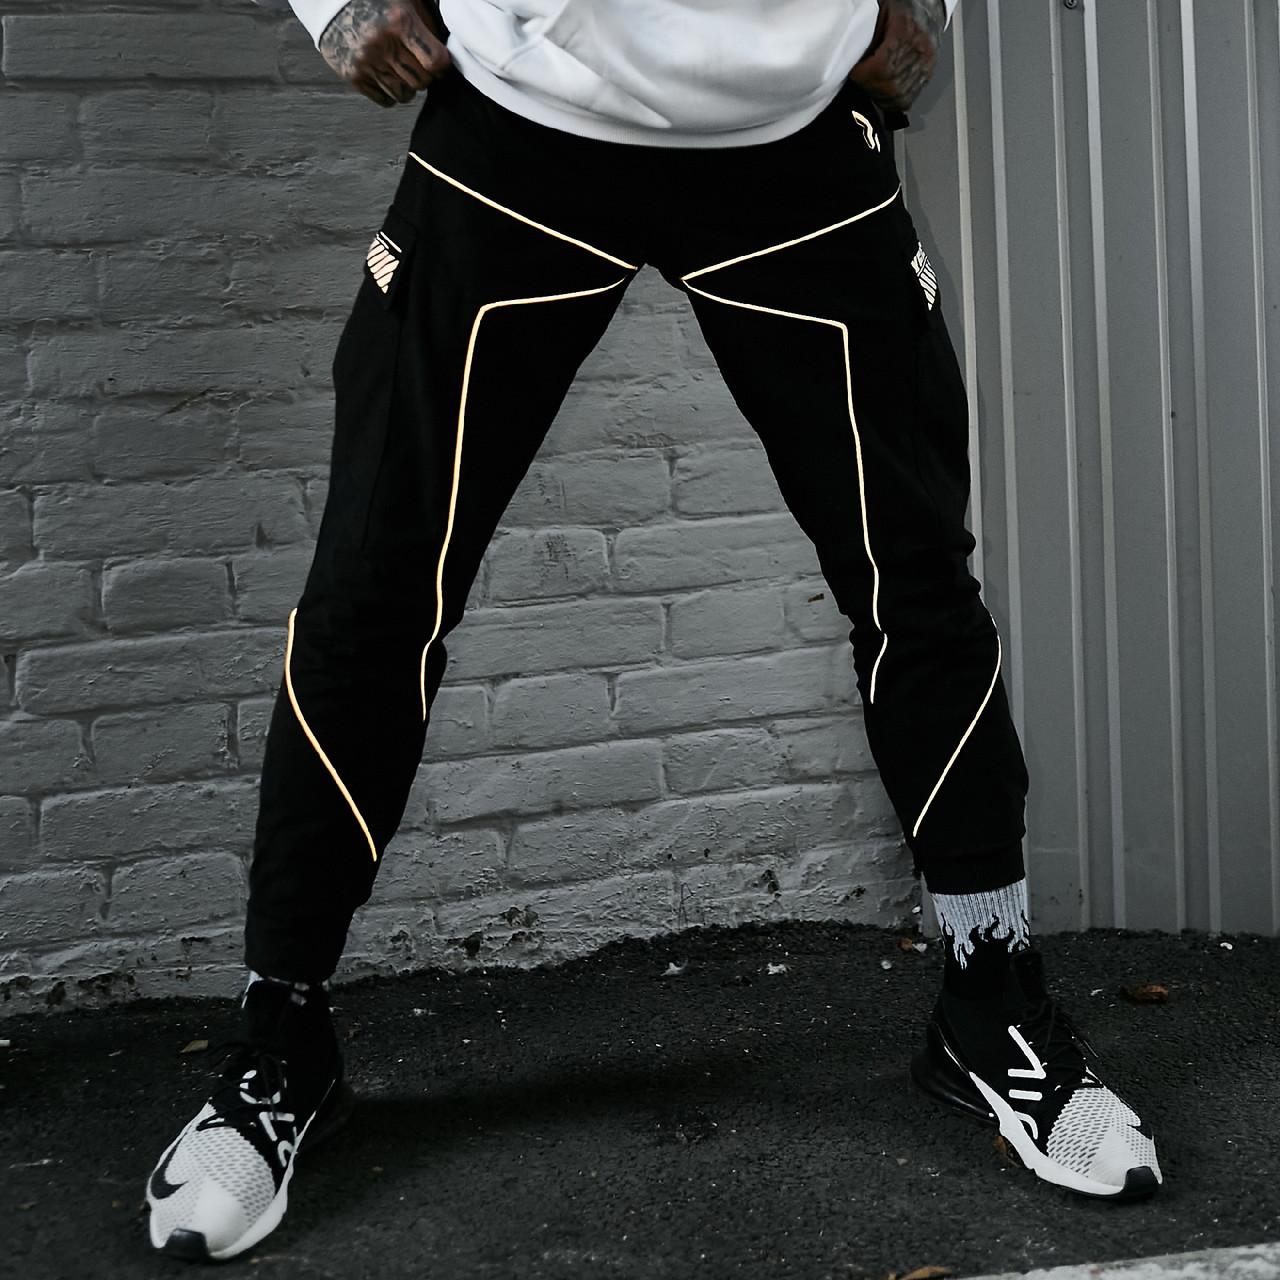 Мужские брюки-карго Пушка Огонь Xeed M модные молодежные черные штаны cargo весна подростковые брюки карго